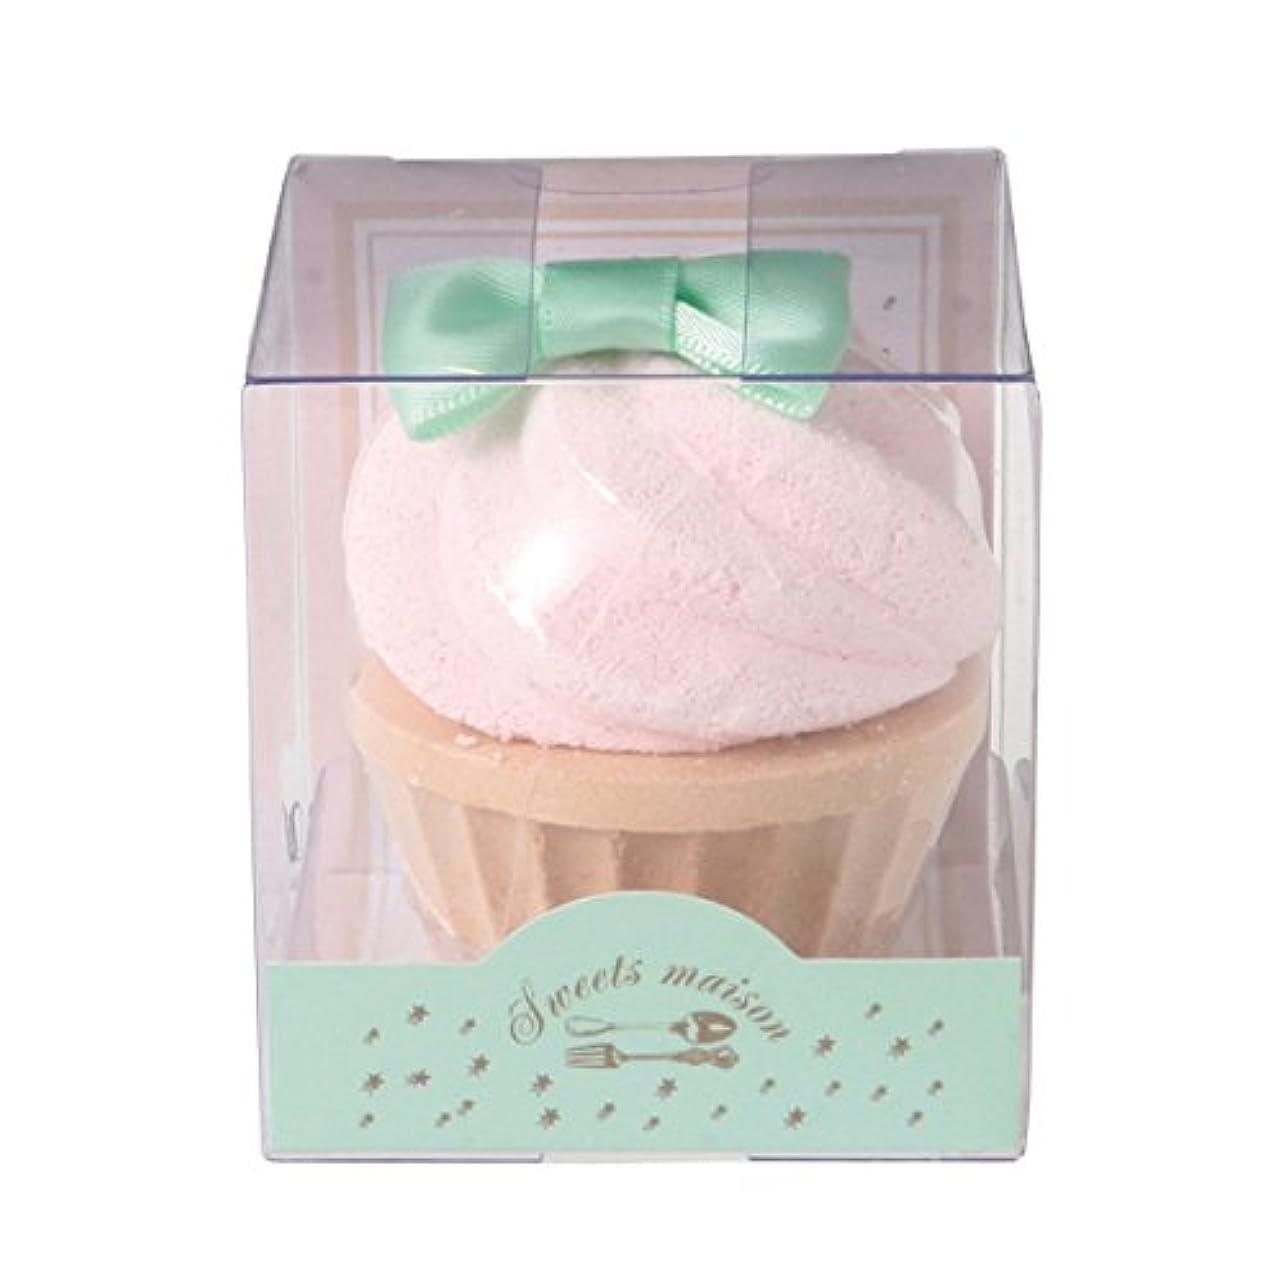 ビュッフェノート貧しい(内野)UCHINO ノルコーポレーション おめかしプチカップケーキフィズ(ブーケローズの香り)